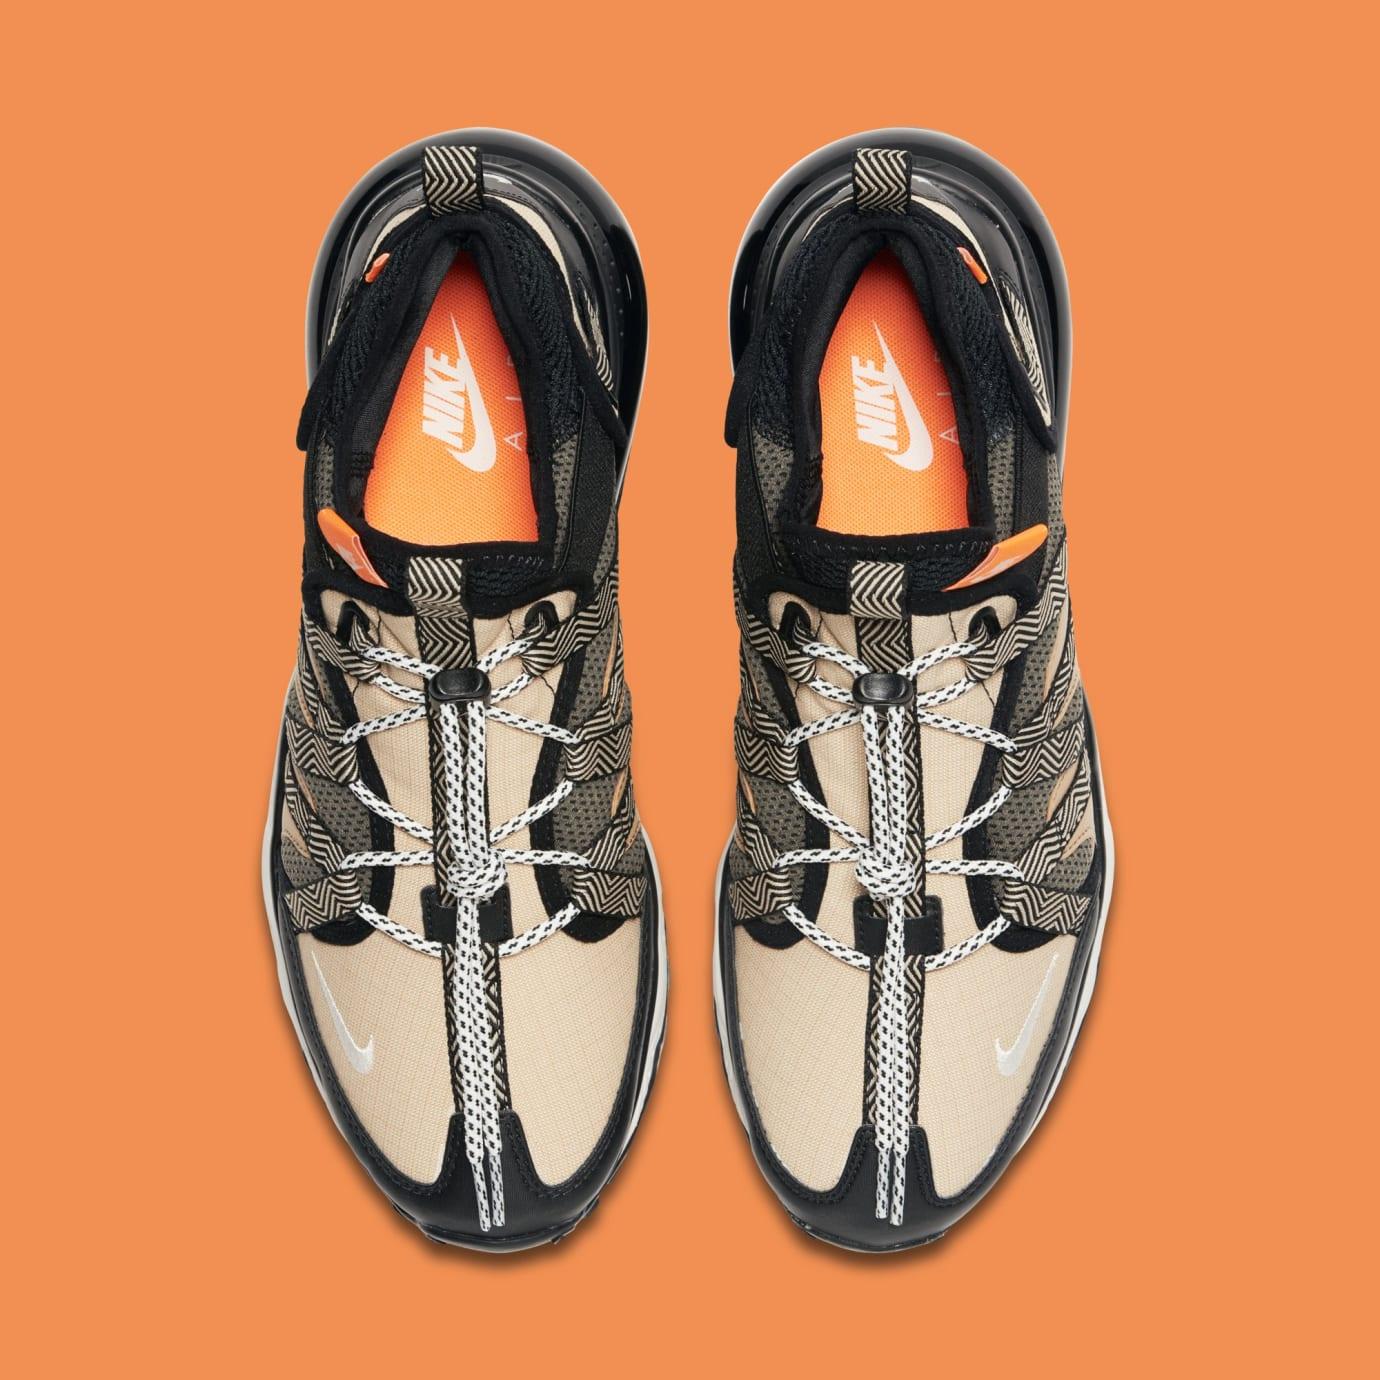 info for ba5b5 69f10 Nike Air Max 270 Bowfin AJ7200-001 AJ7200-002 Release Date ...